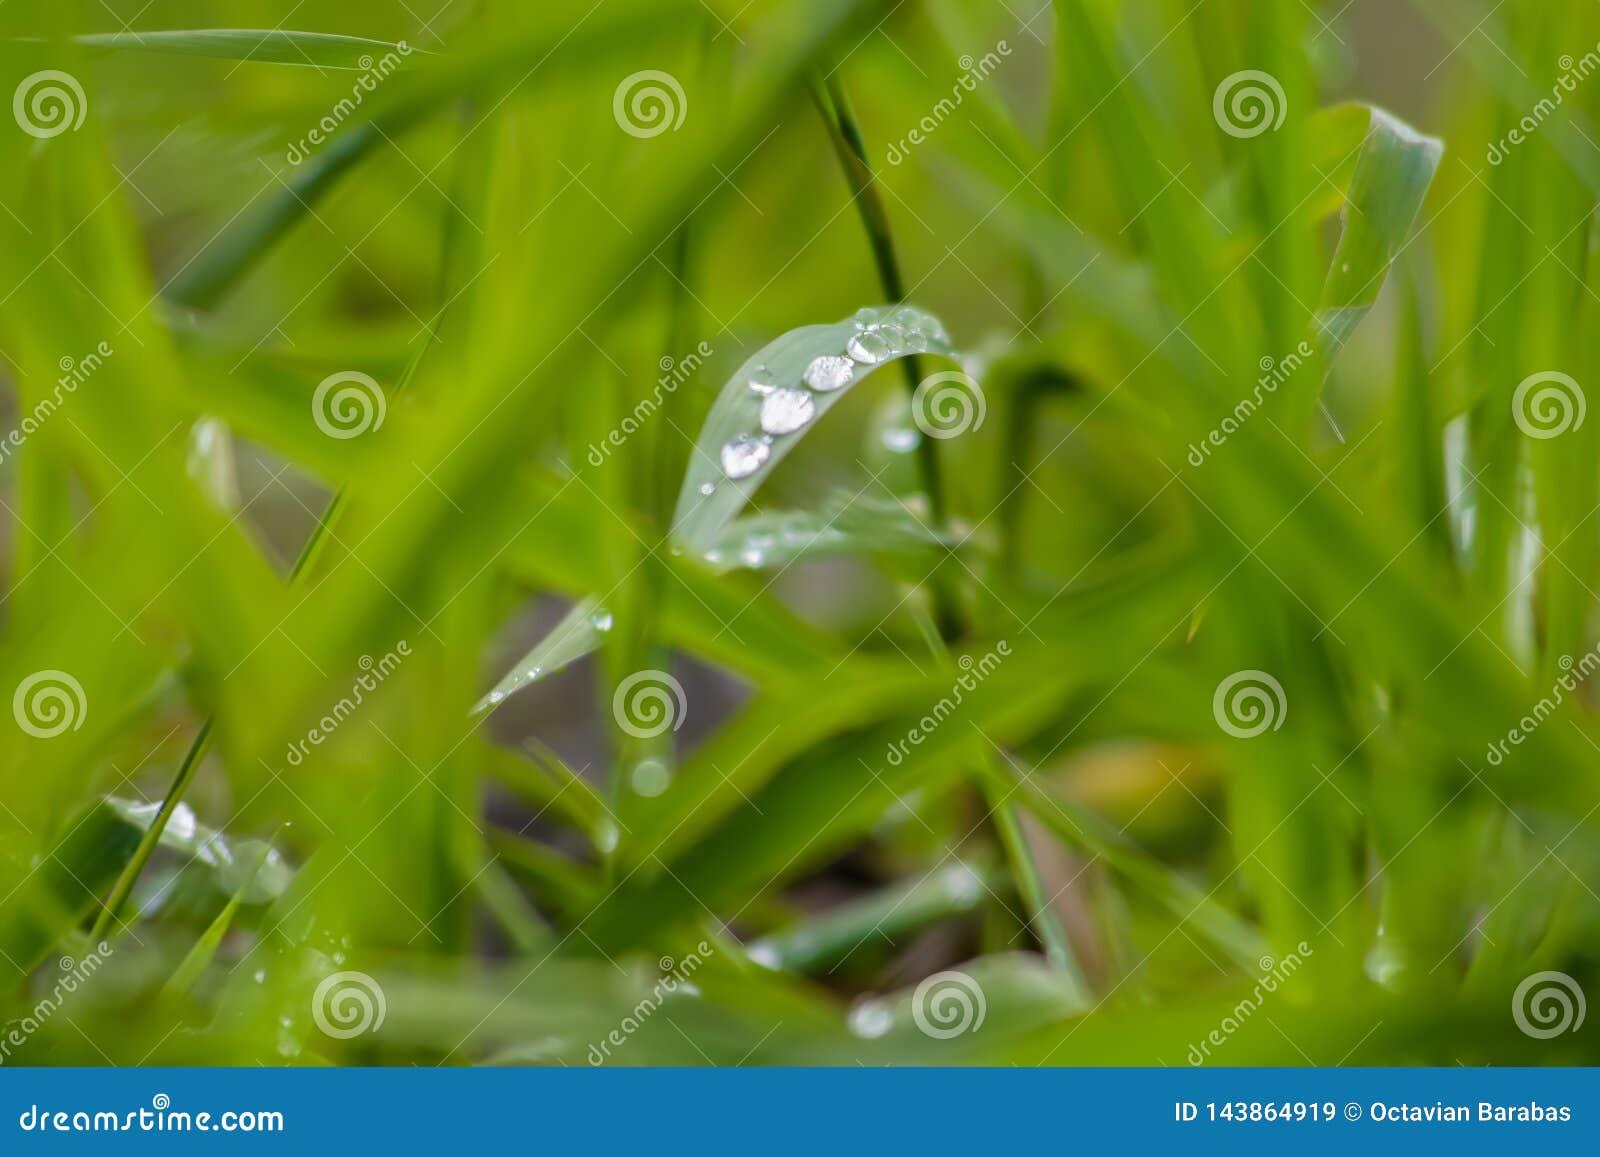 Wassertropfen auf grünem Gras